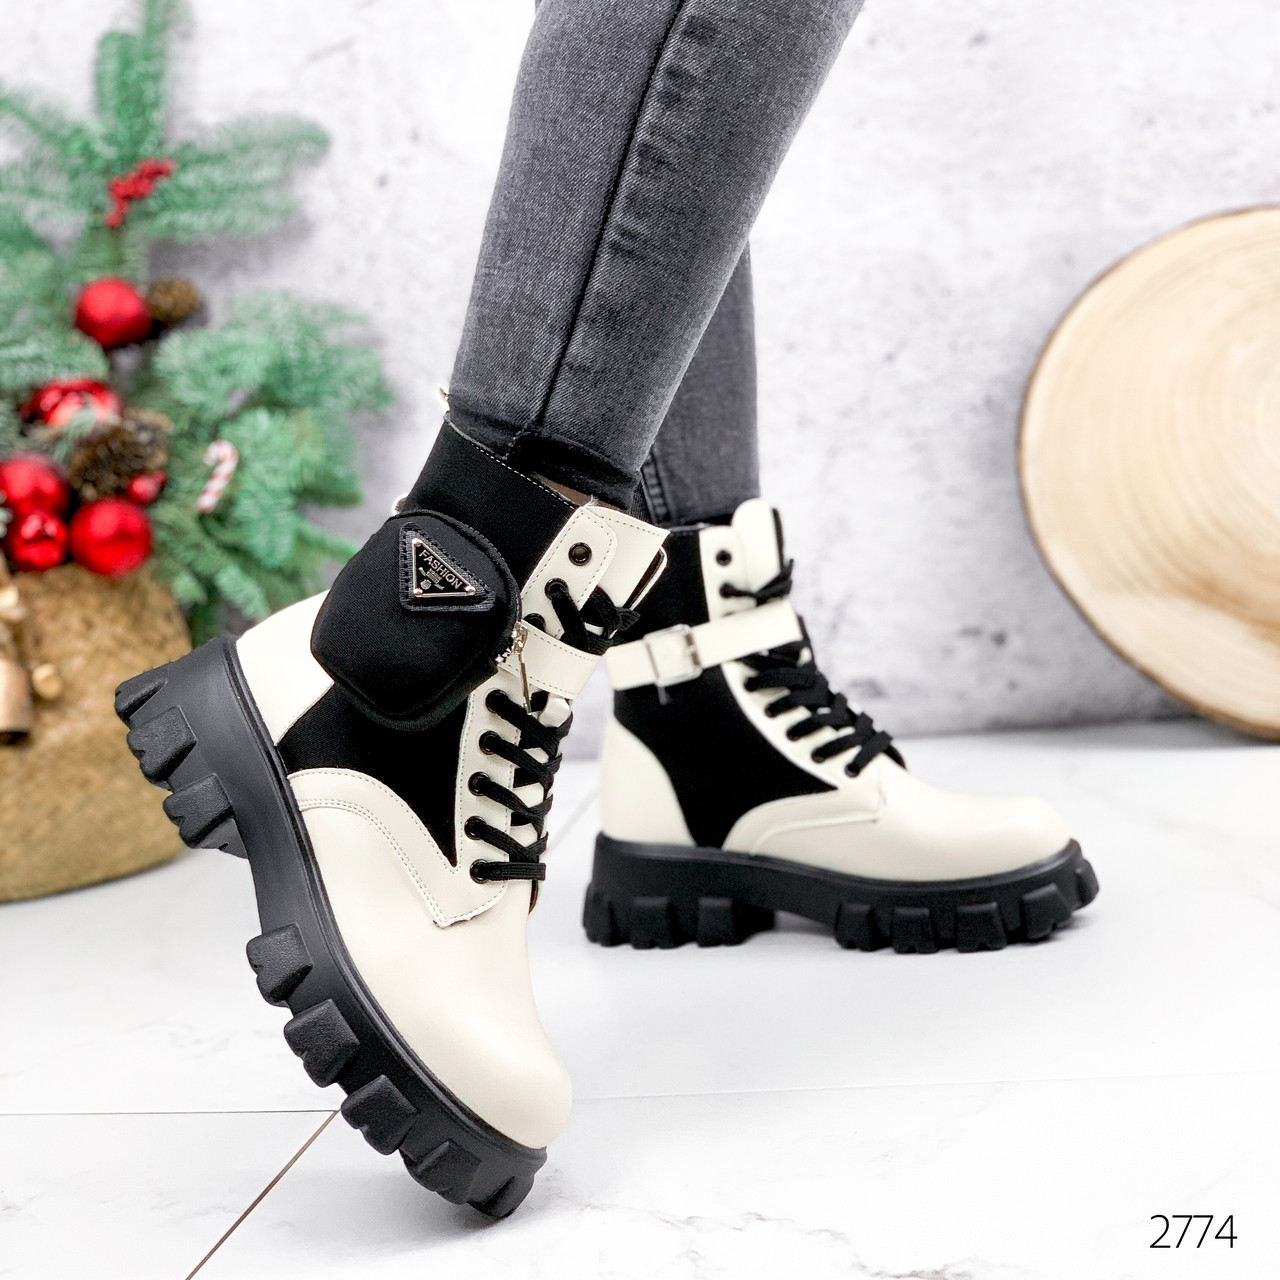 Ботинки женские Livia беж + черный 2774 ДЕМИ